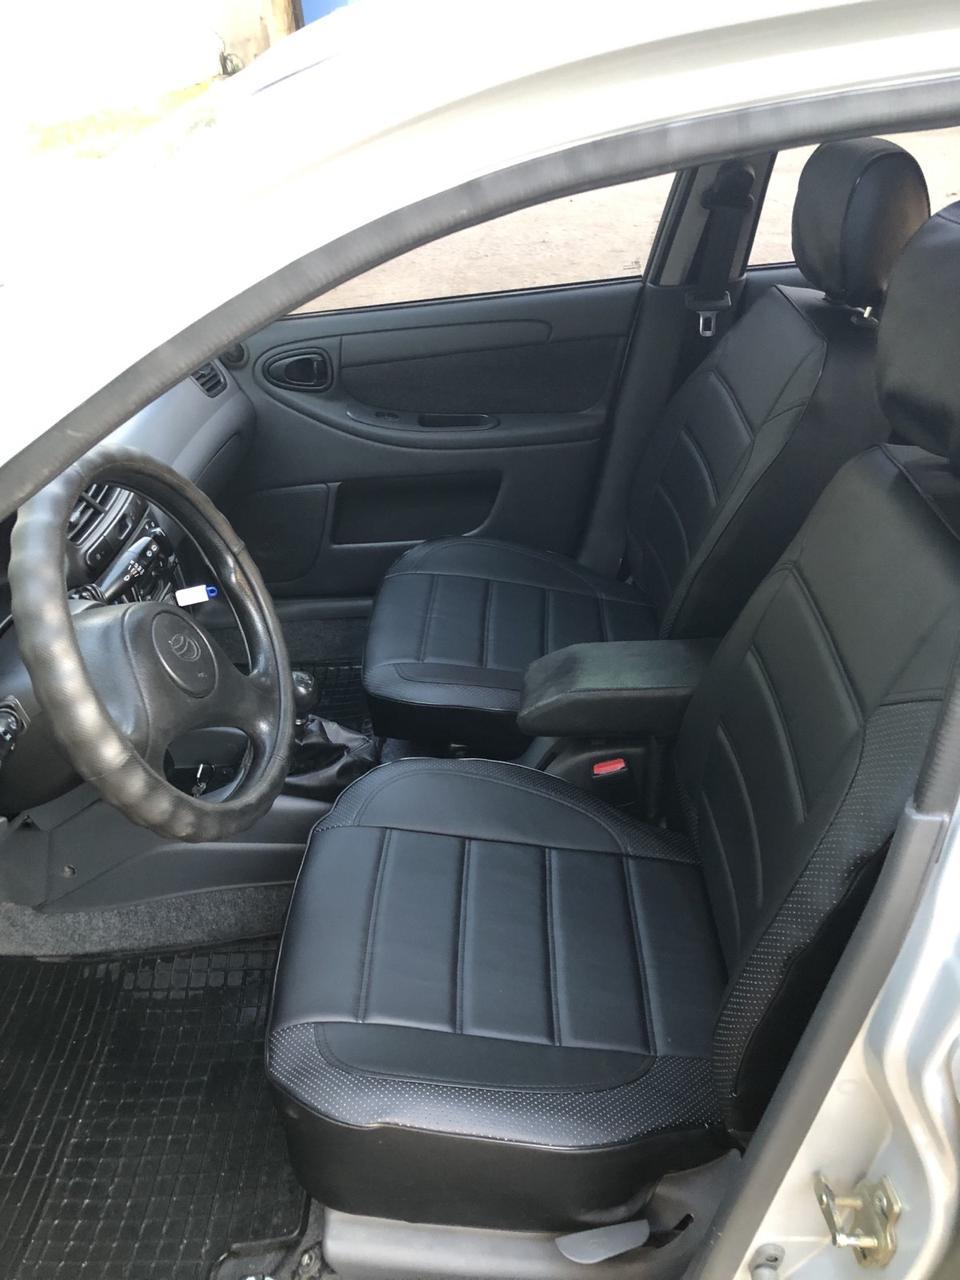 Чехлы на сиденья Ниссан Кашкай (Nissan Qashqai) модельные MAX-L из экокожи Черный